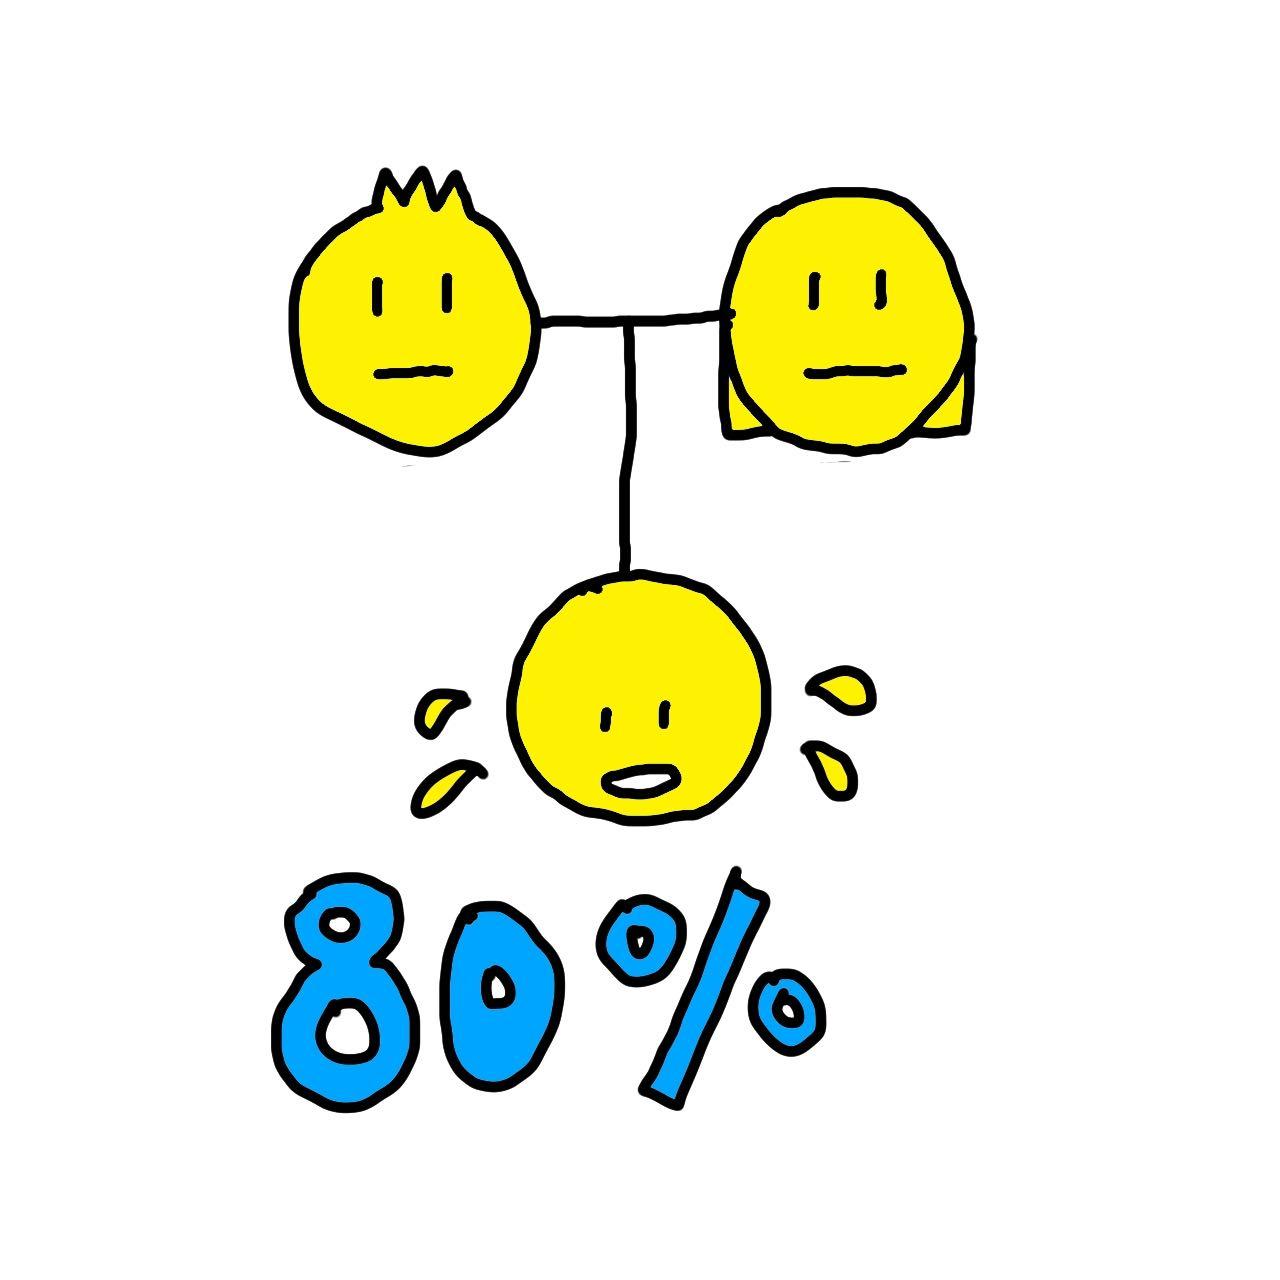 両方の親がワキガの場合80%の確率で遺伝